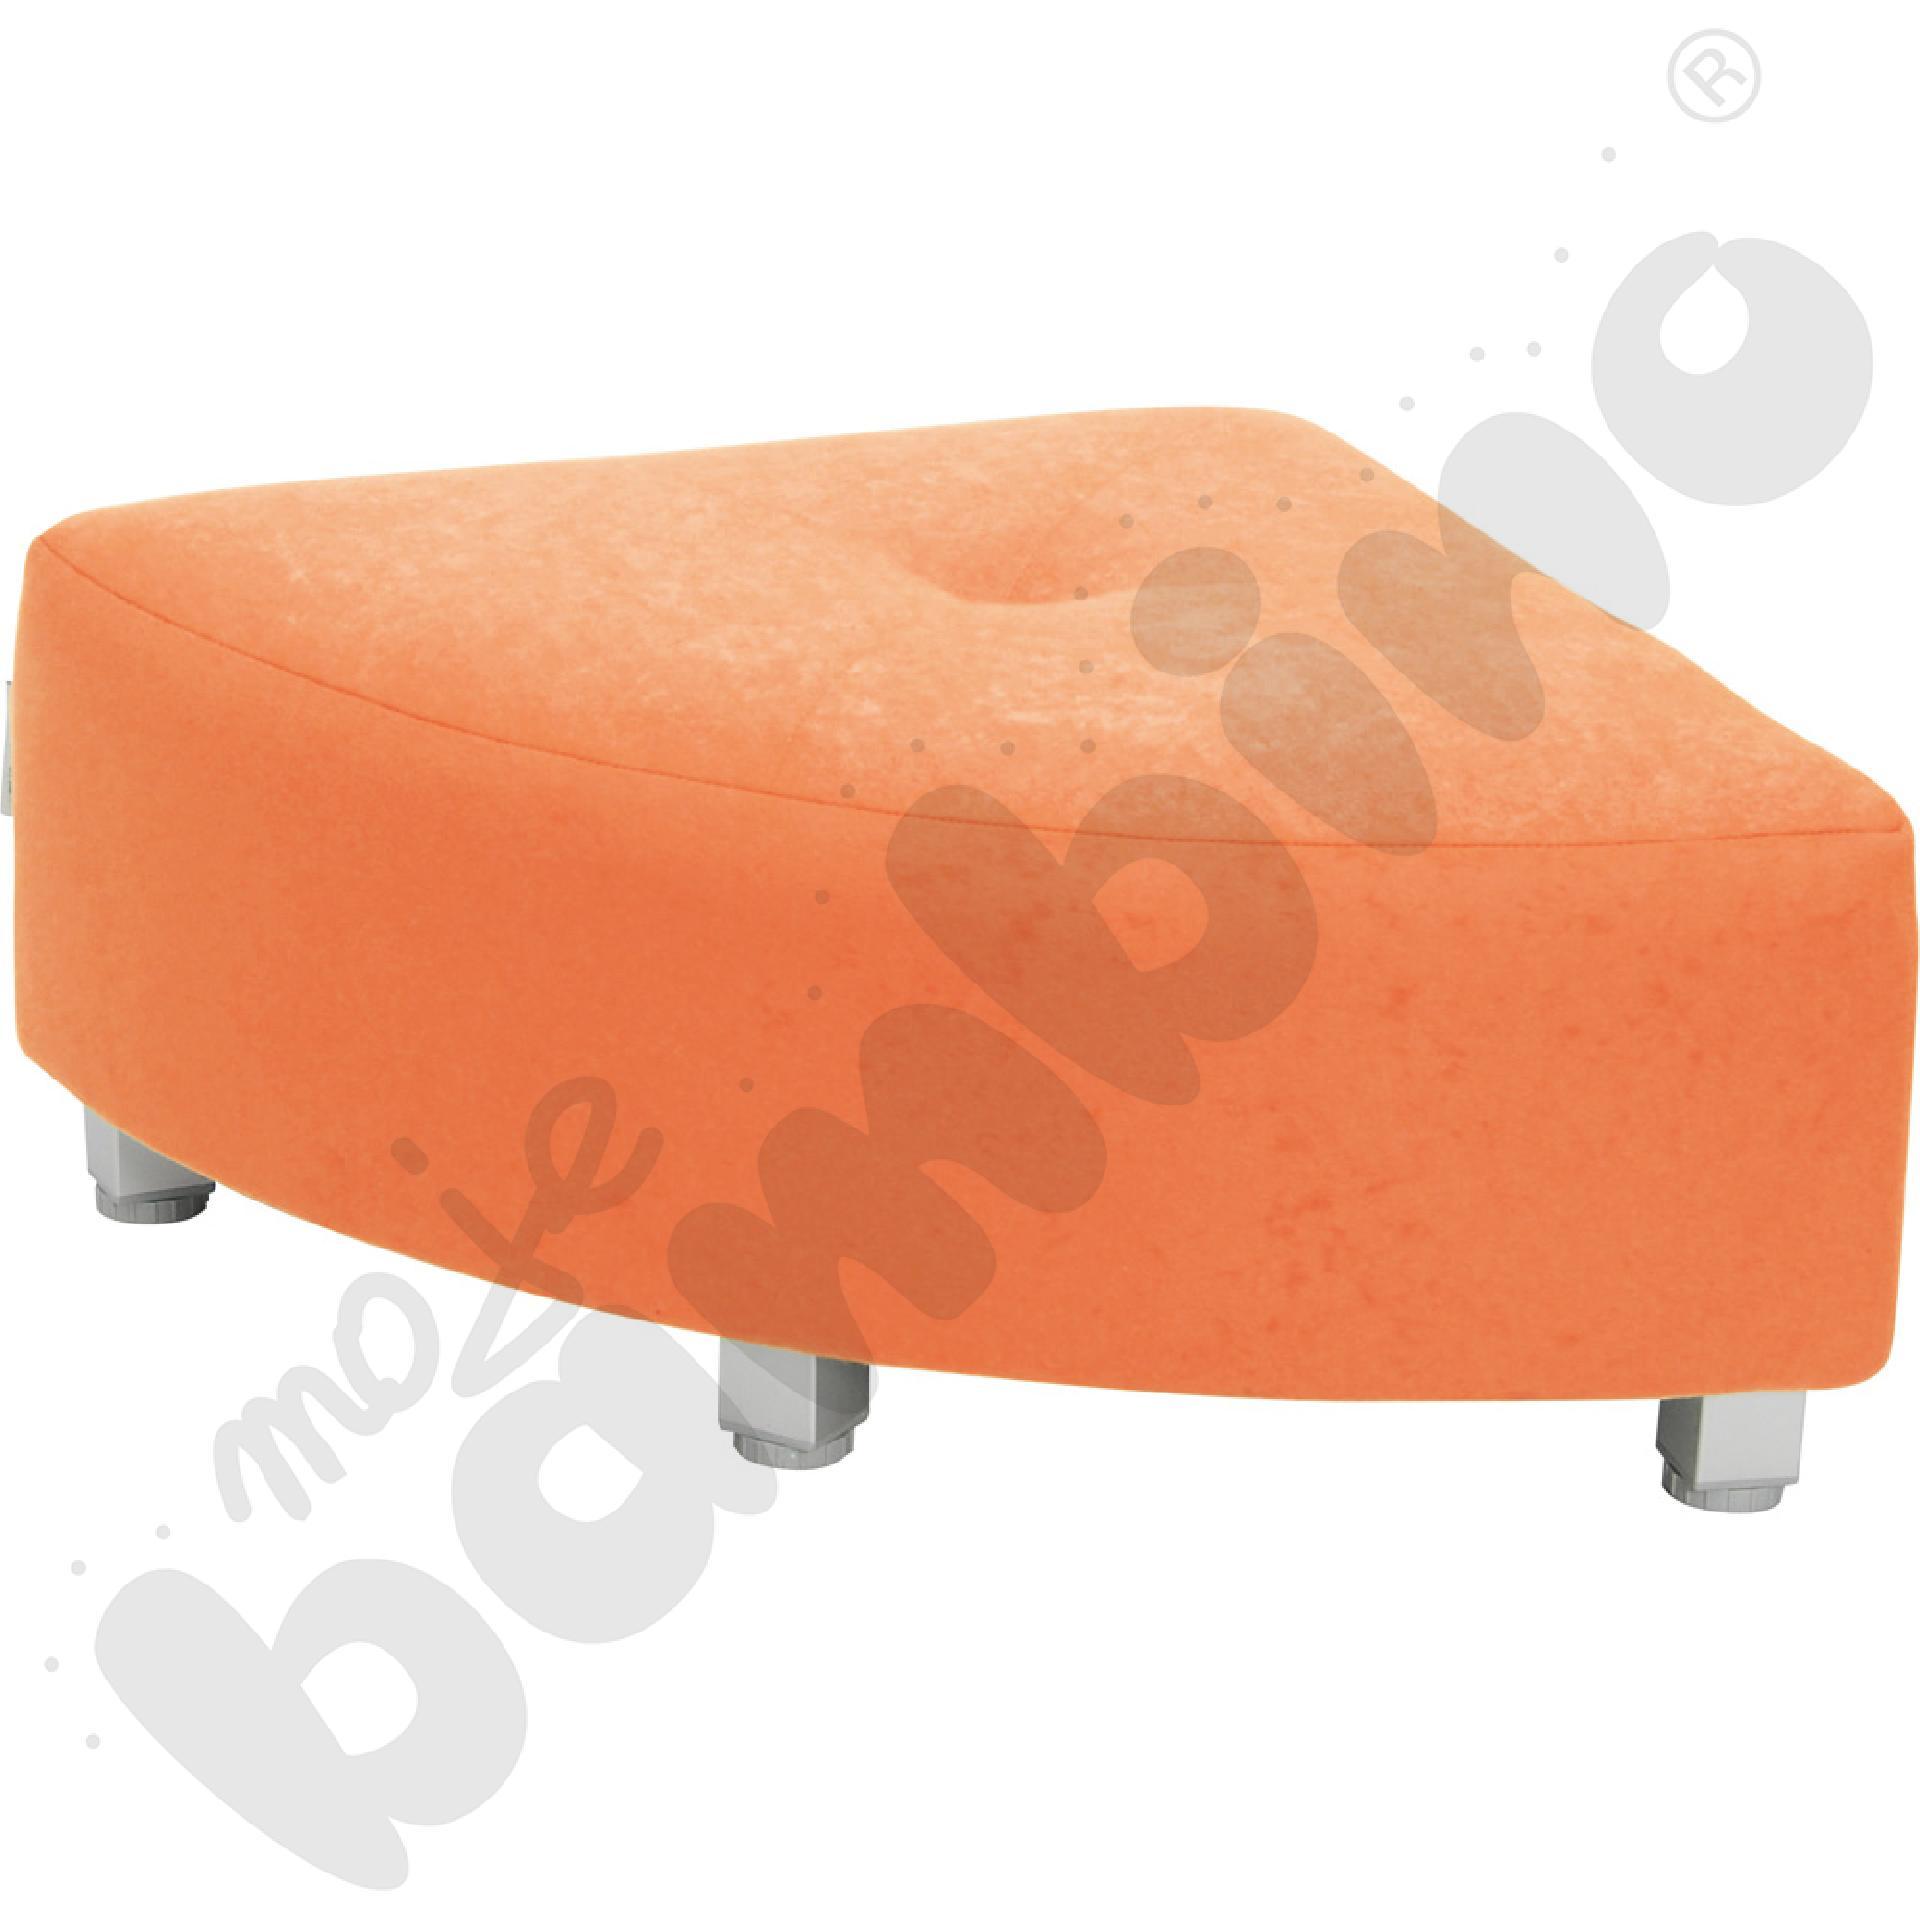 Pufa narożna - pomarańczowa...